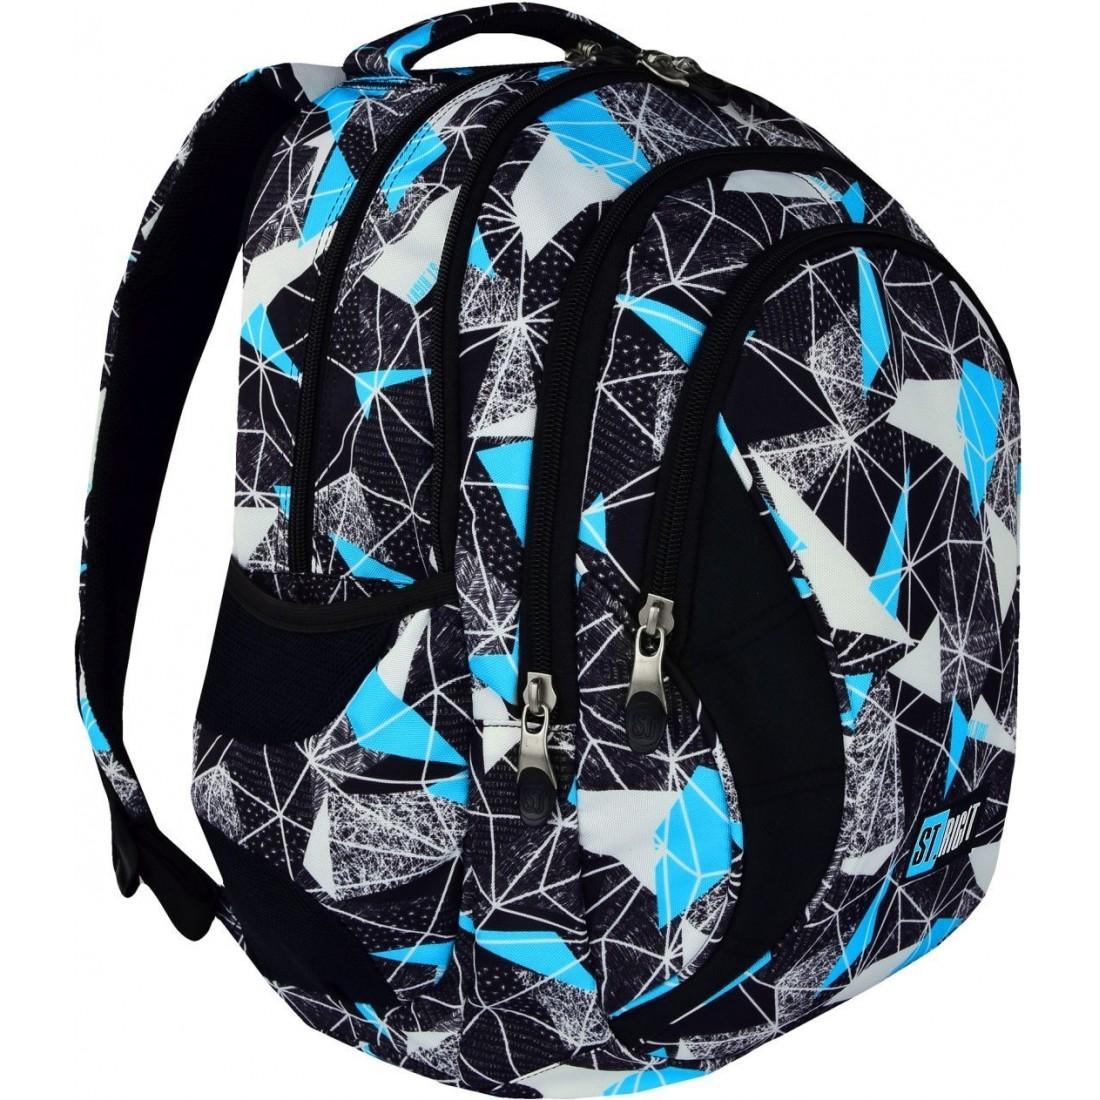 f781ab1bb5603 Plecak szkolny ST.RIGHT NET BLUE szare i niebieskie figury czarne zamki -  BP02